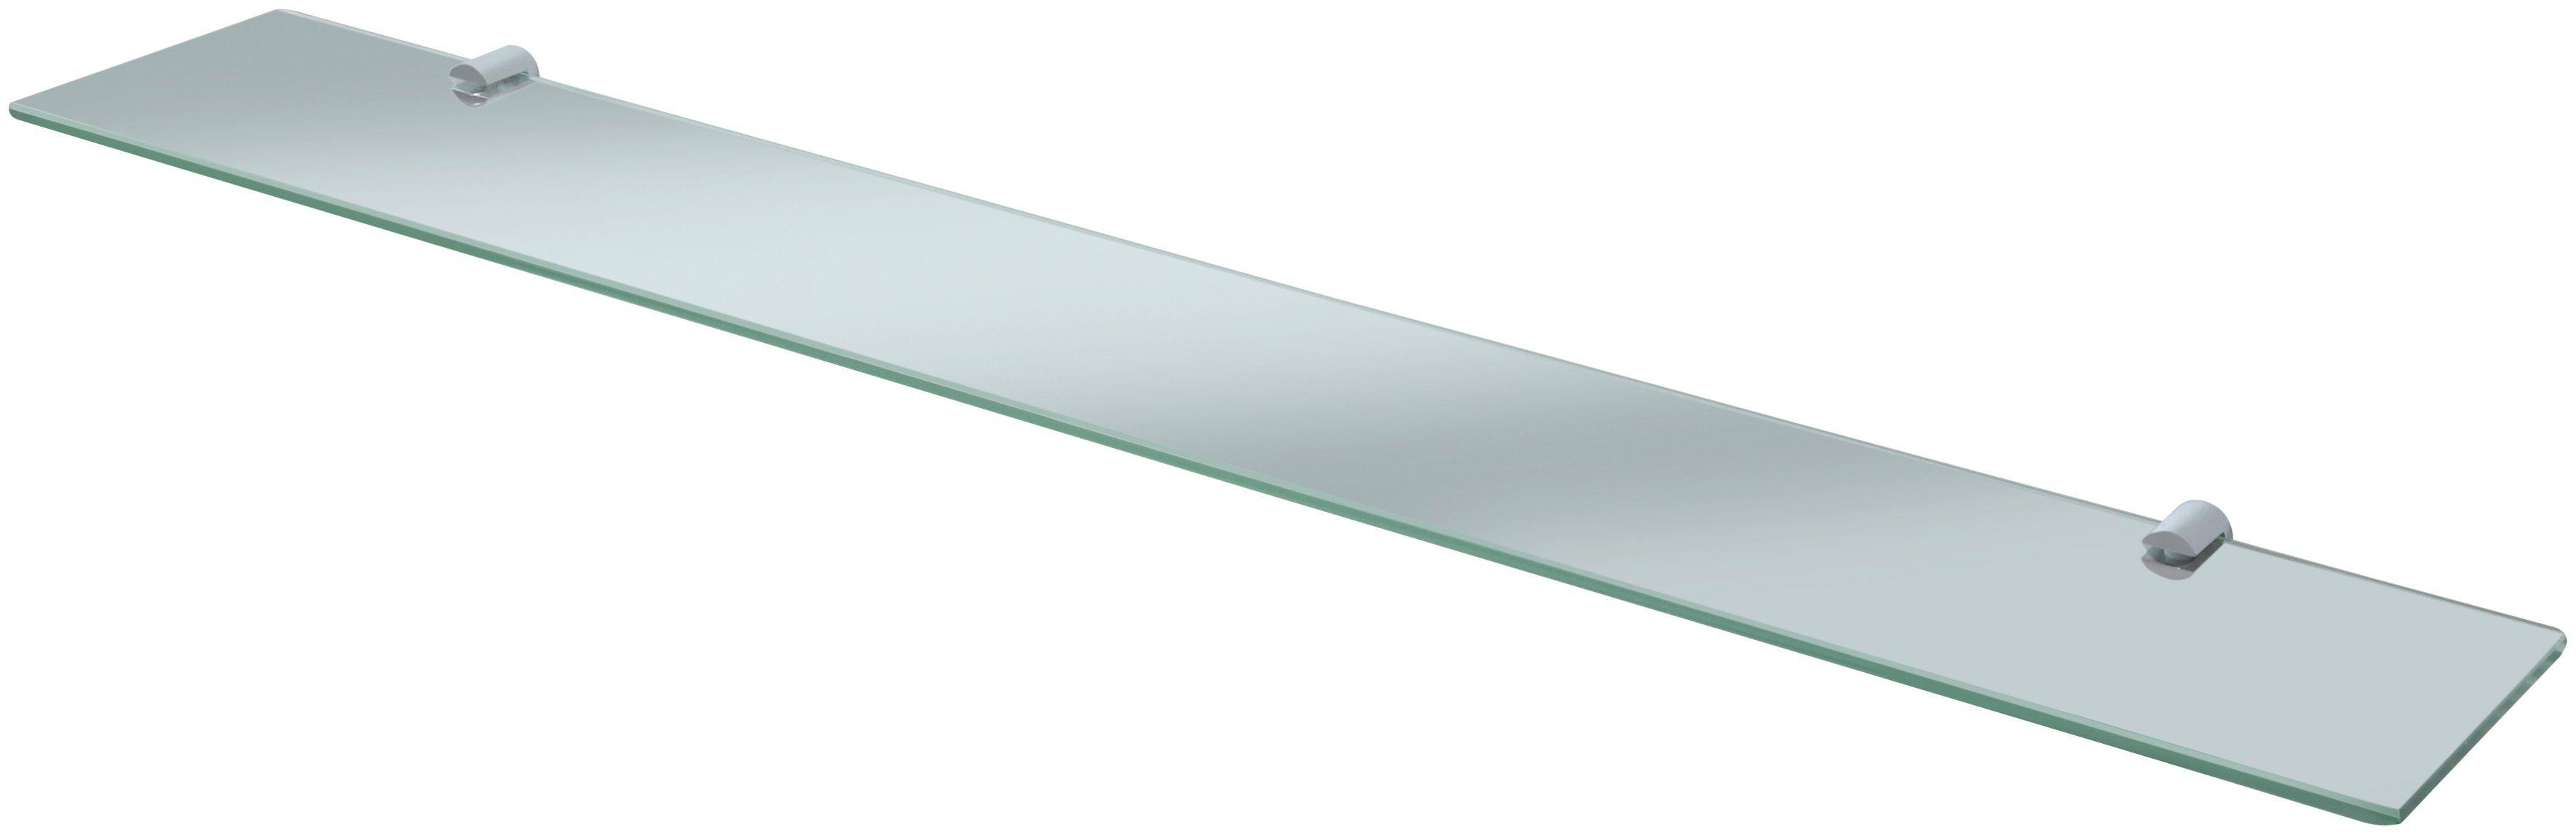 Glasregal / Glasablage , Breite 60 cm